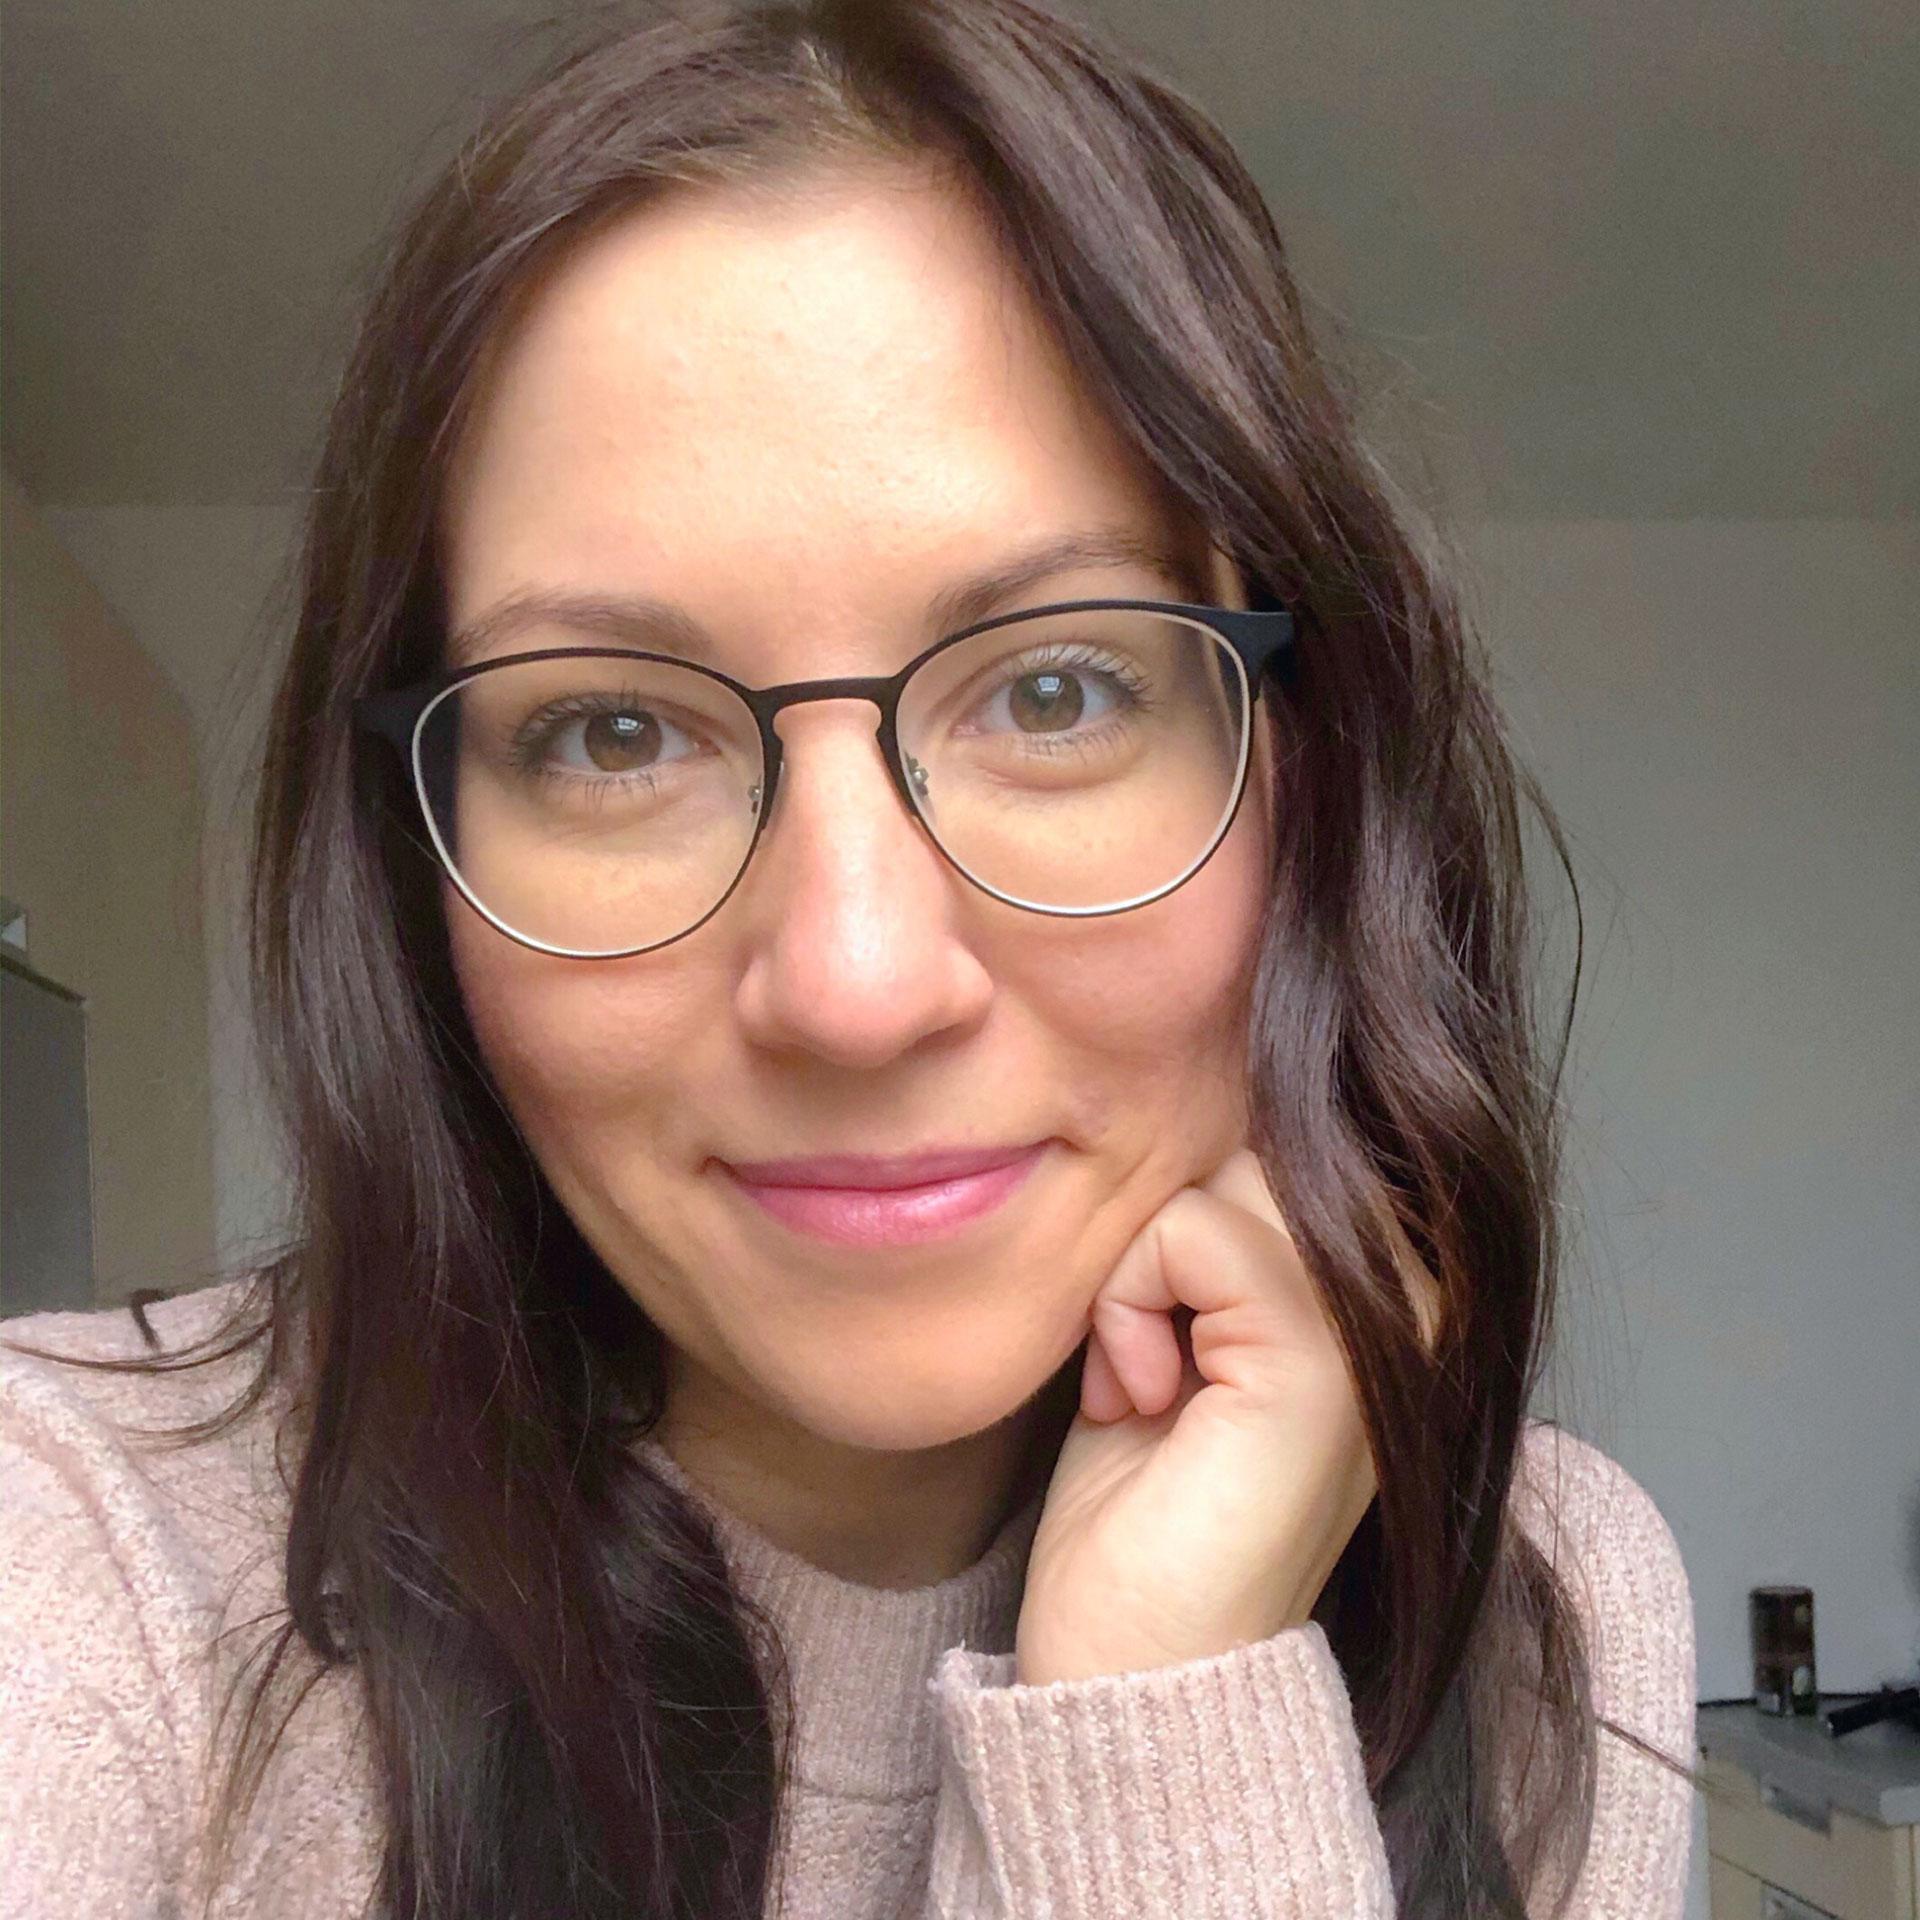 Sarah Schimmel